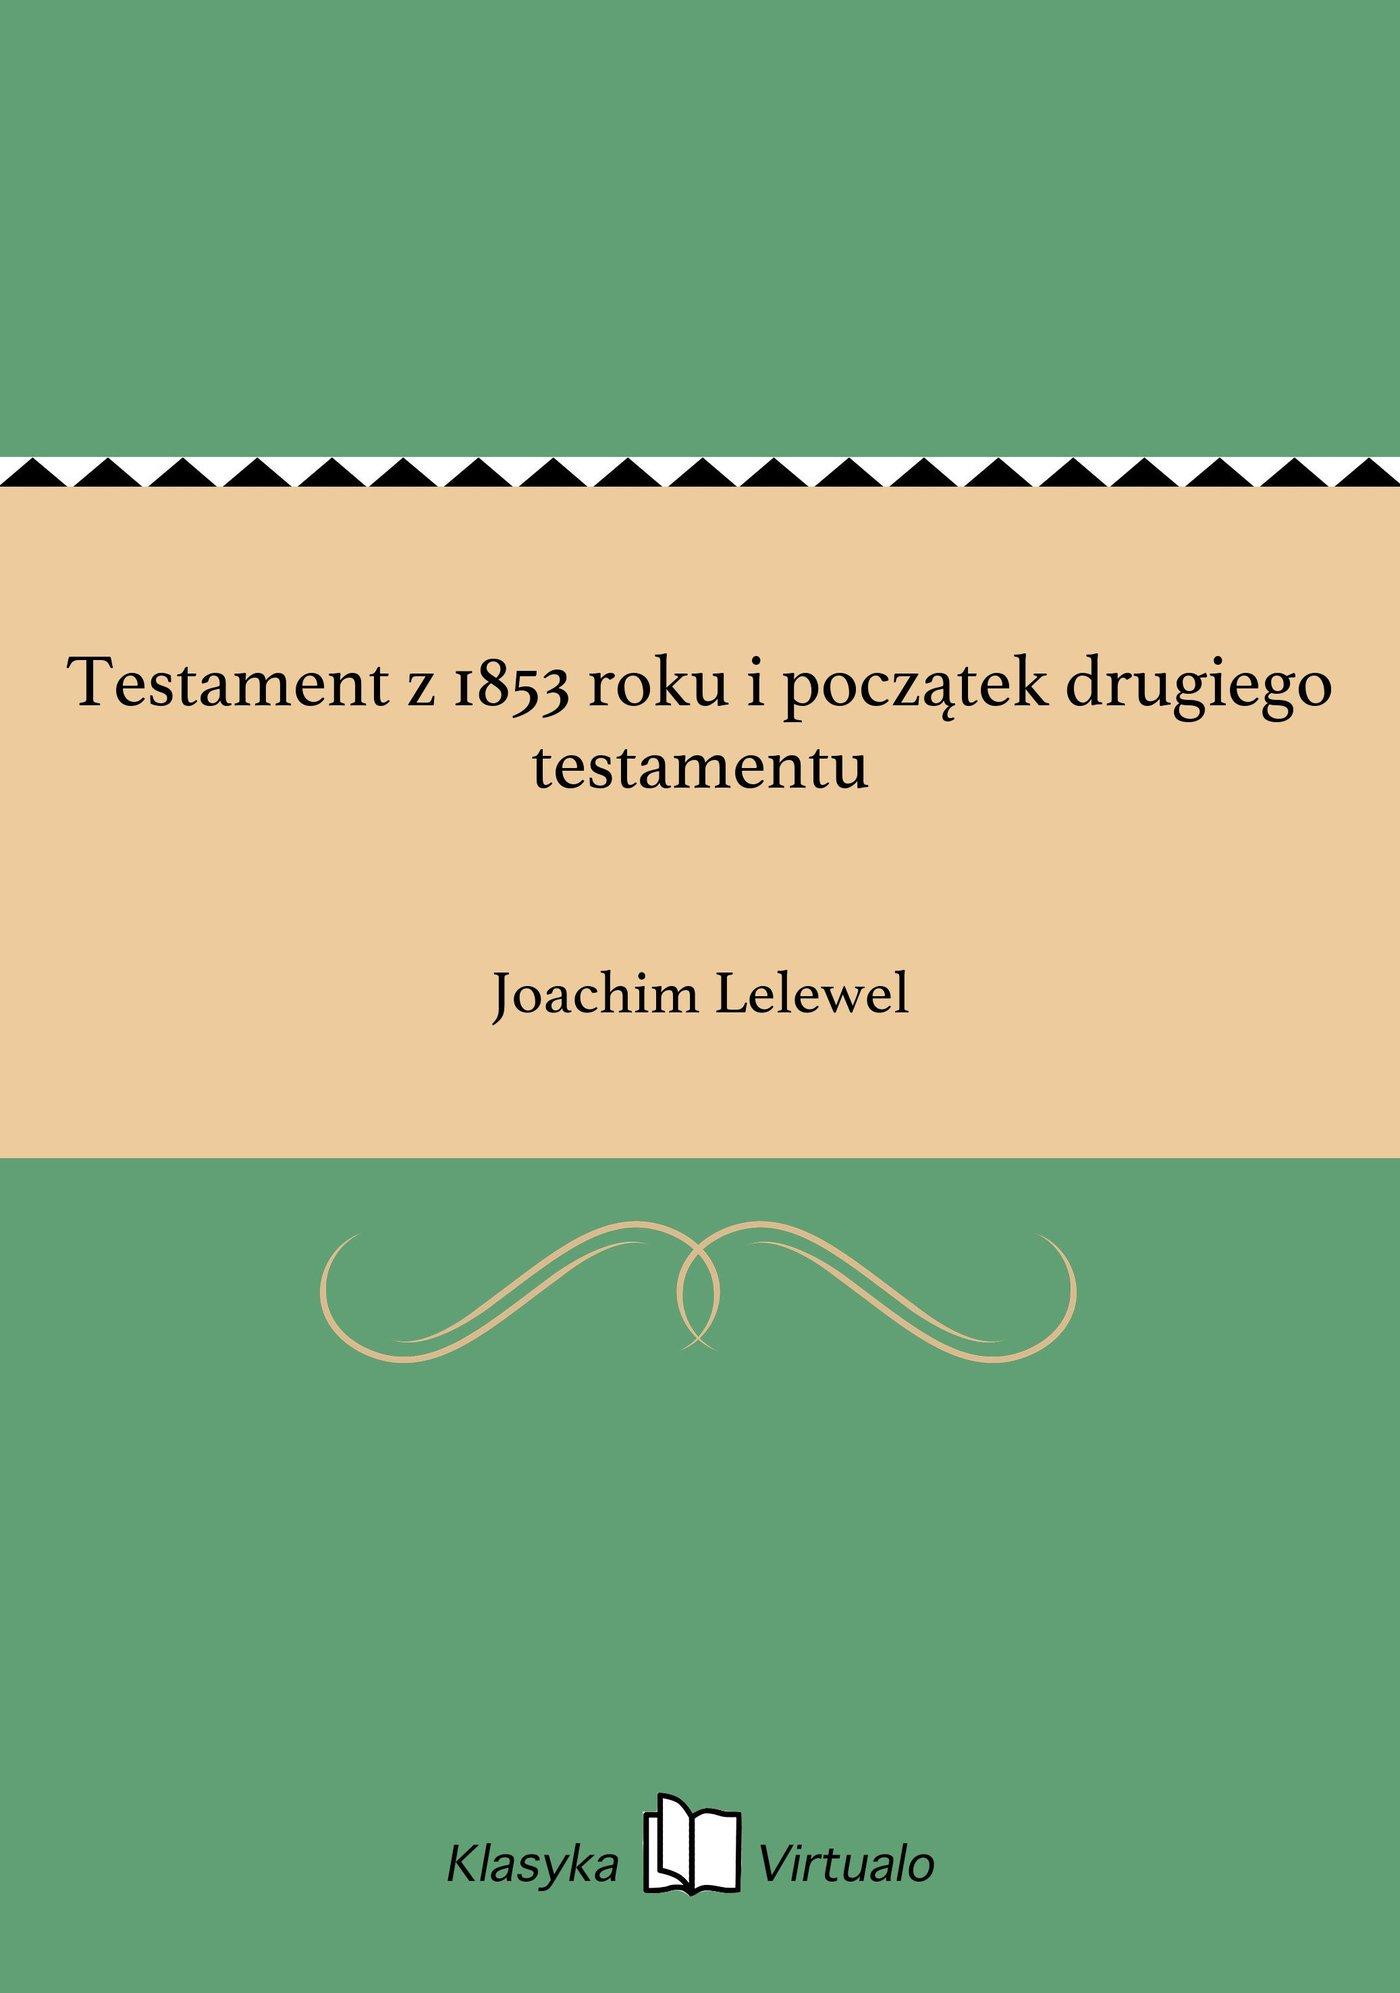 Testament z 1853 roku i początek drugiego testamentu - Ebook (Książka EPUB) do pobrania w formacie EPUB